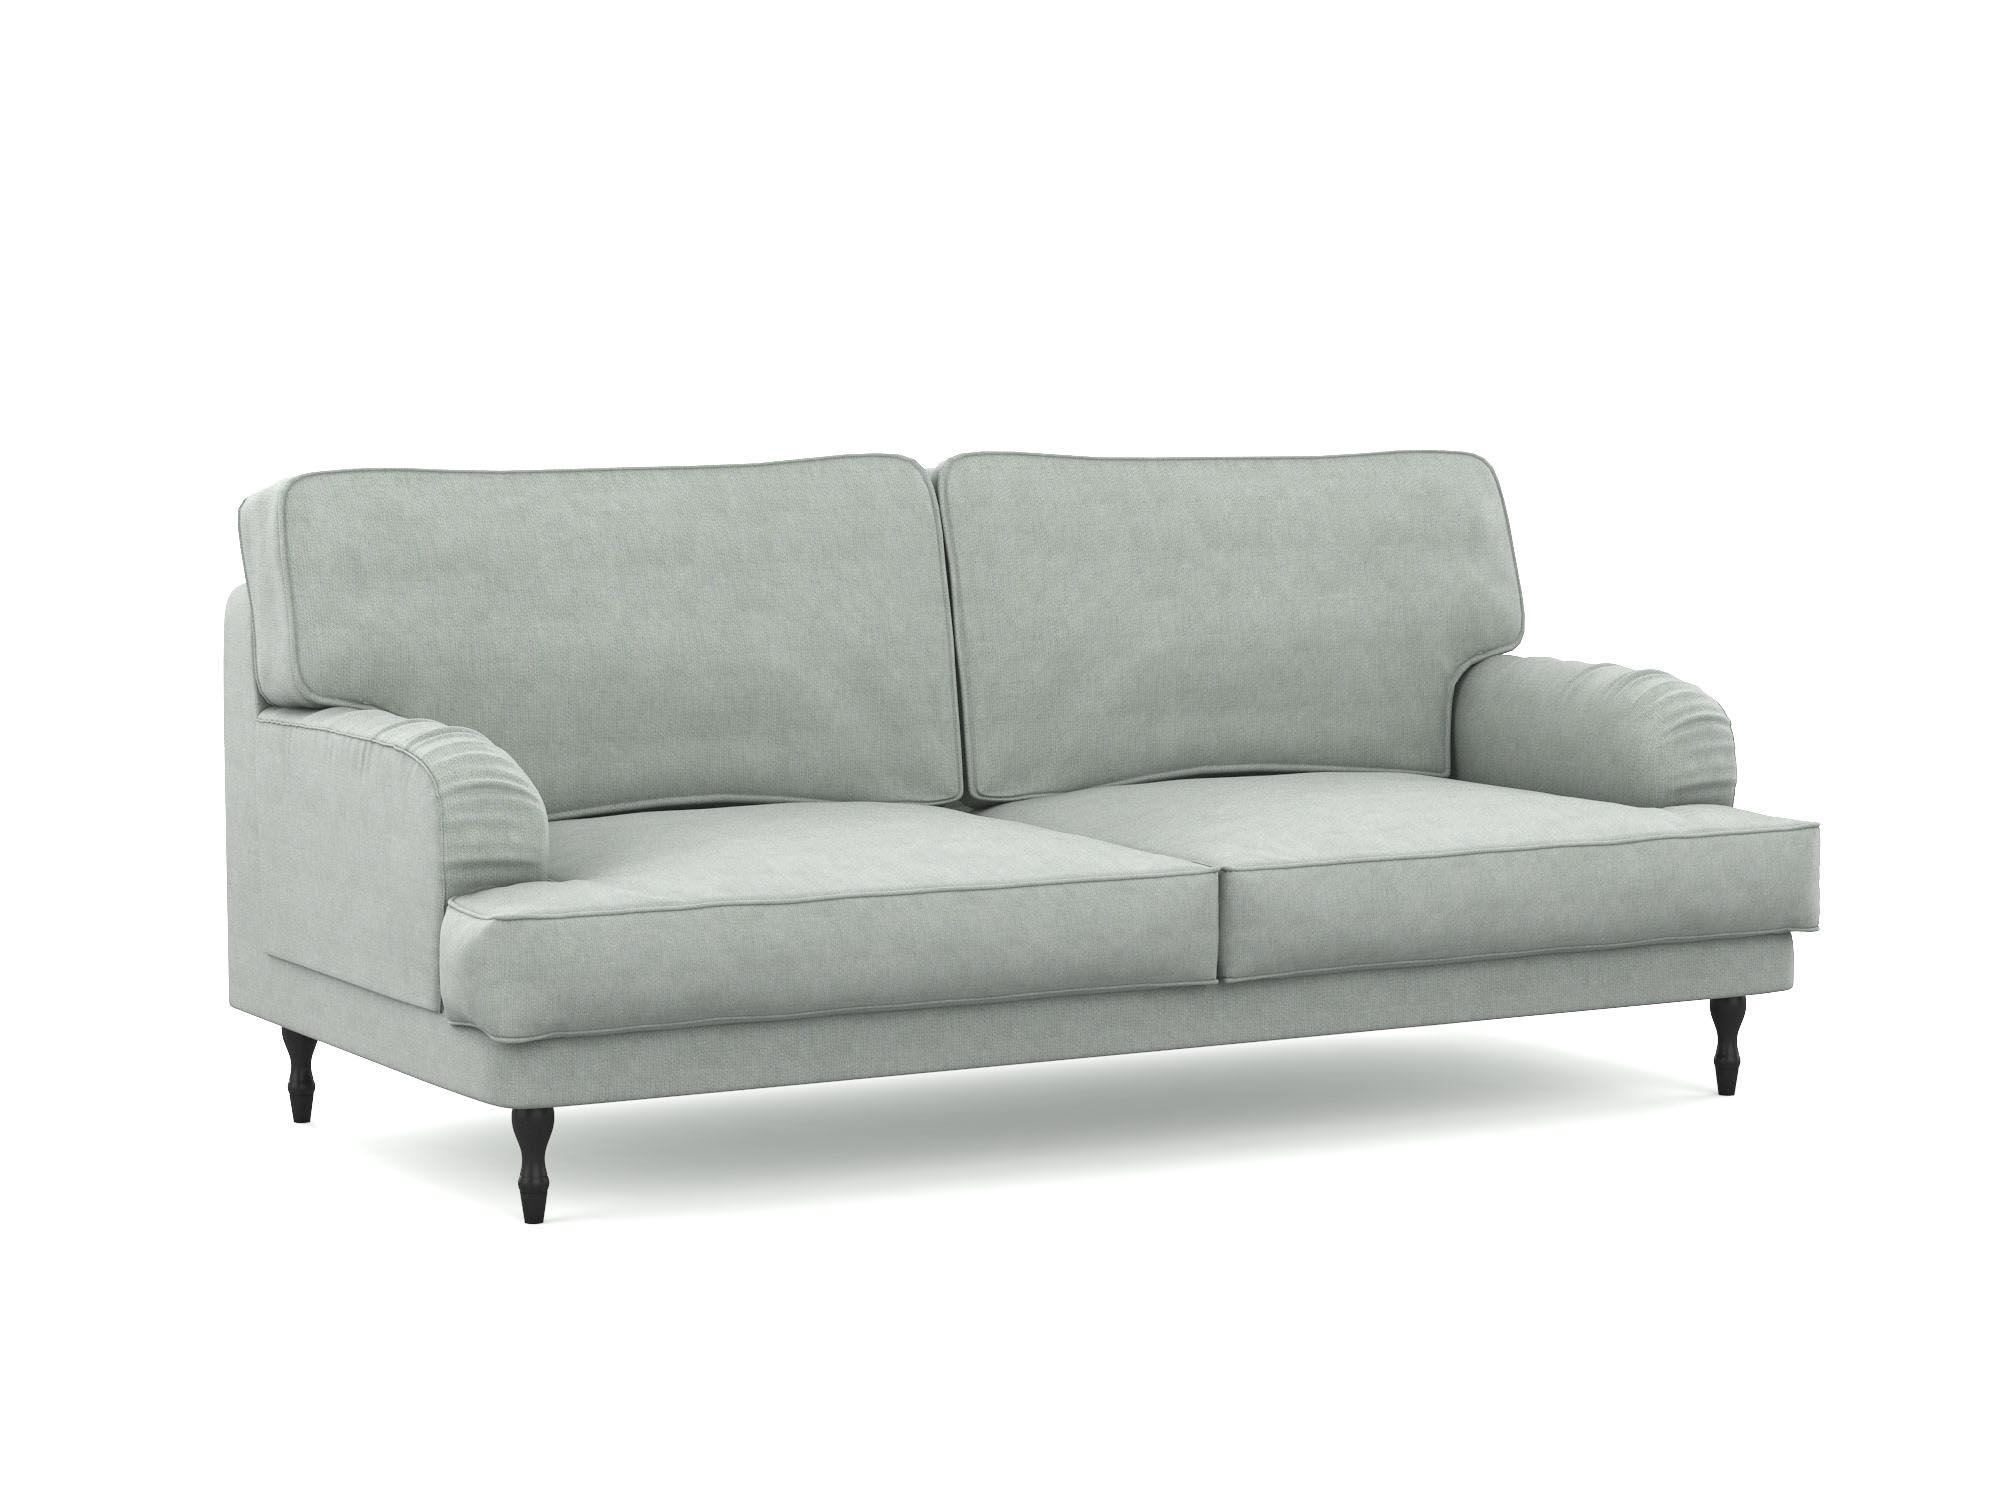 Your new IKEA Stocksund 3-seater sofa cover | vidian-design.com